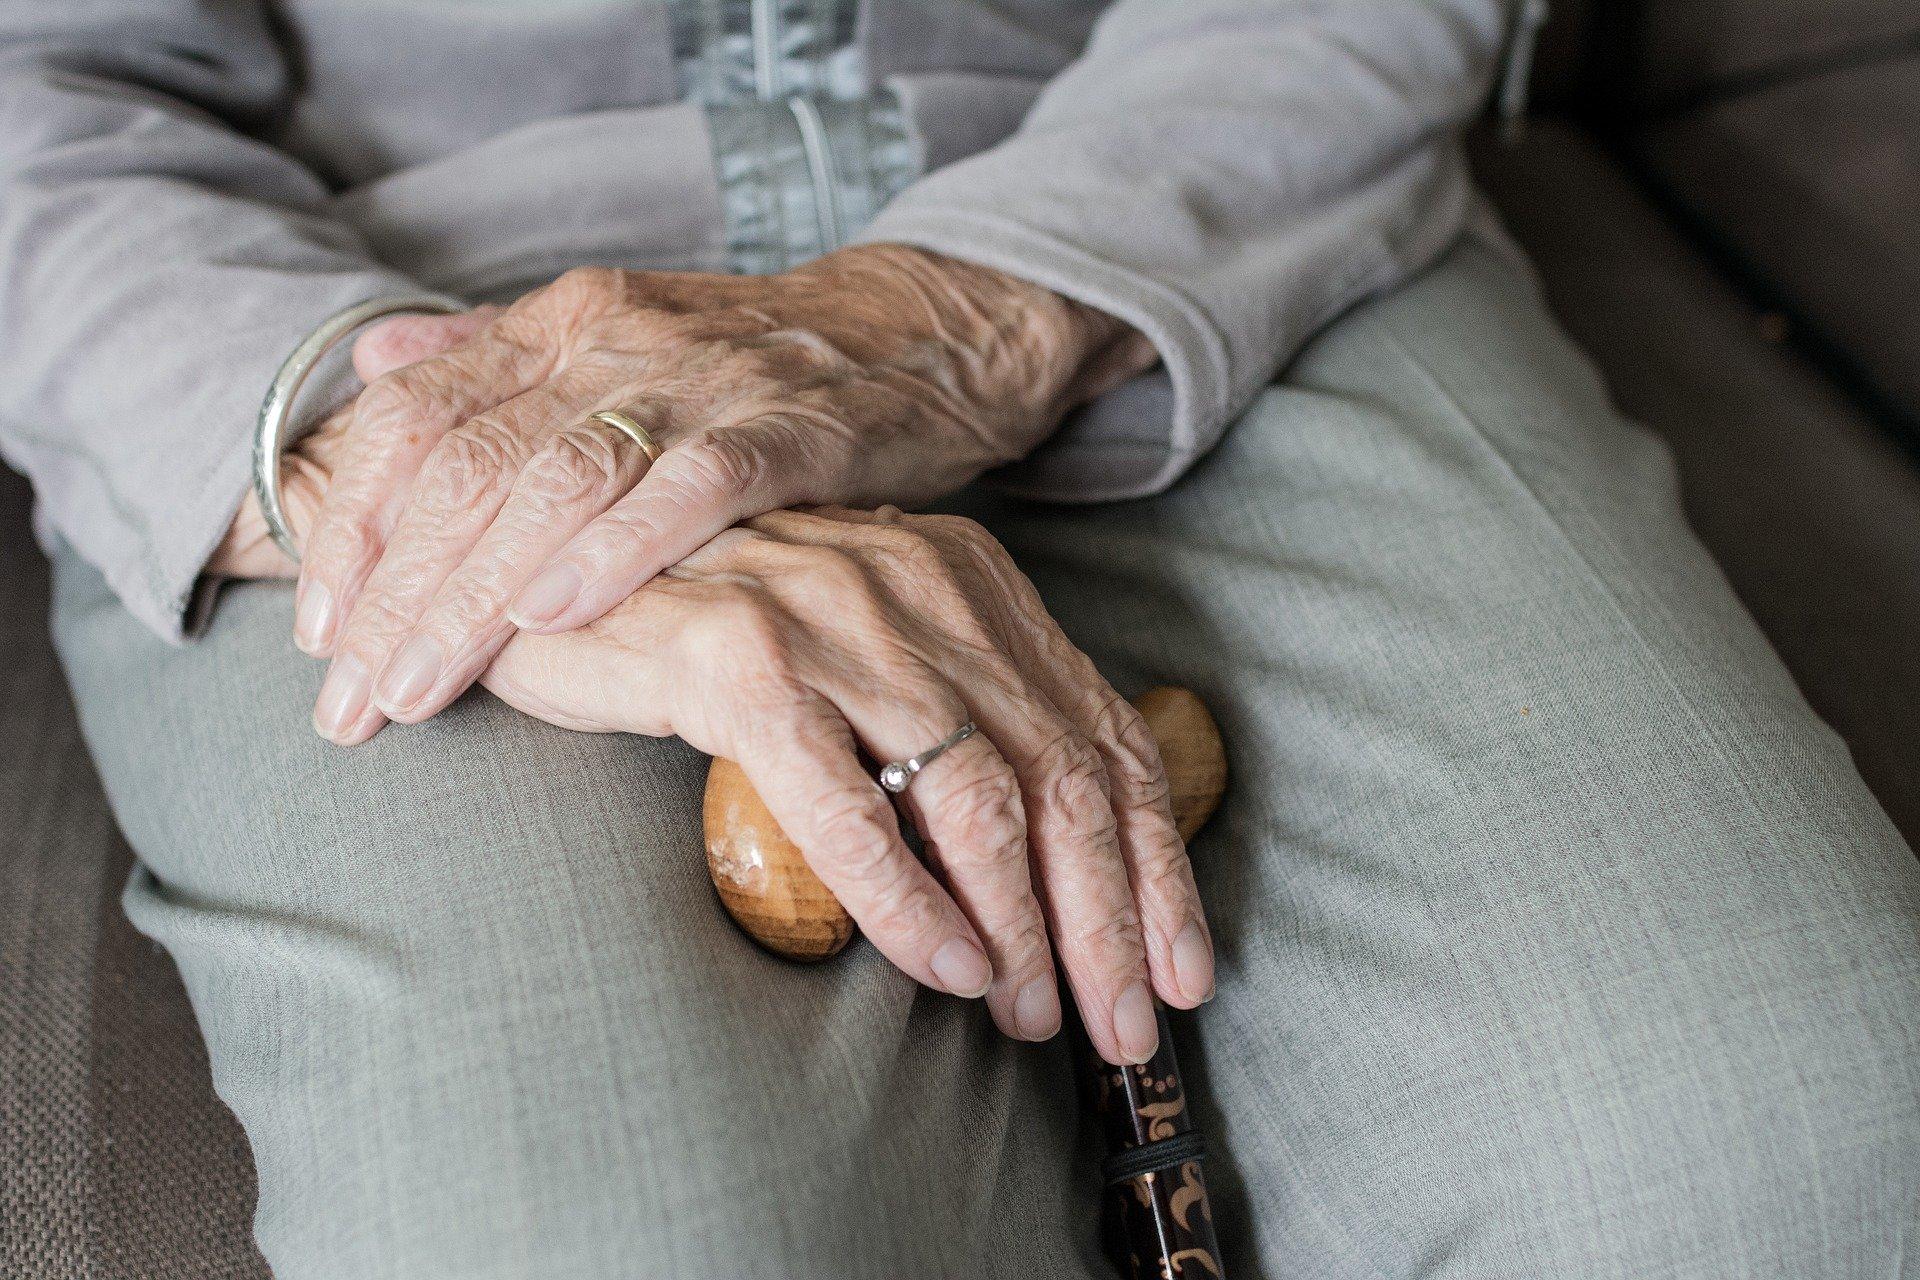 Россияне смогут уйти на пенсию досрочно по новым правилам — СМИ